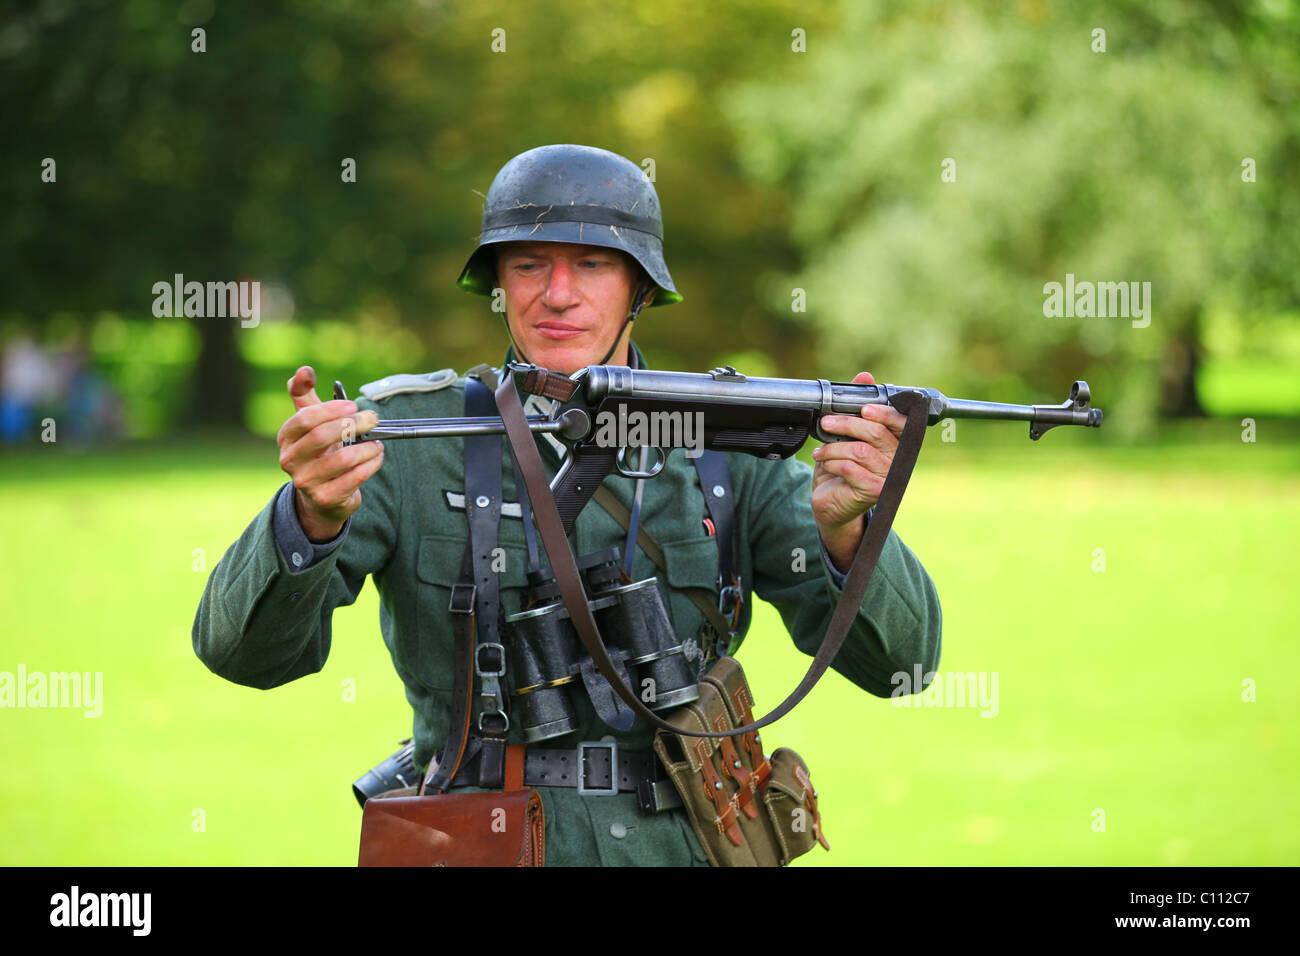 Reconstruction WW2 Wehrmacht German soldier with machine gun - Stock Image